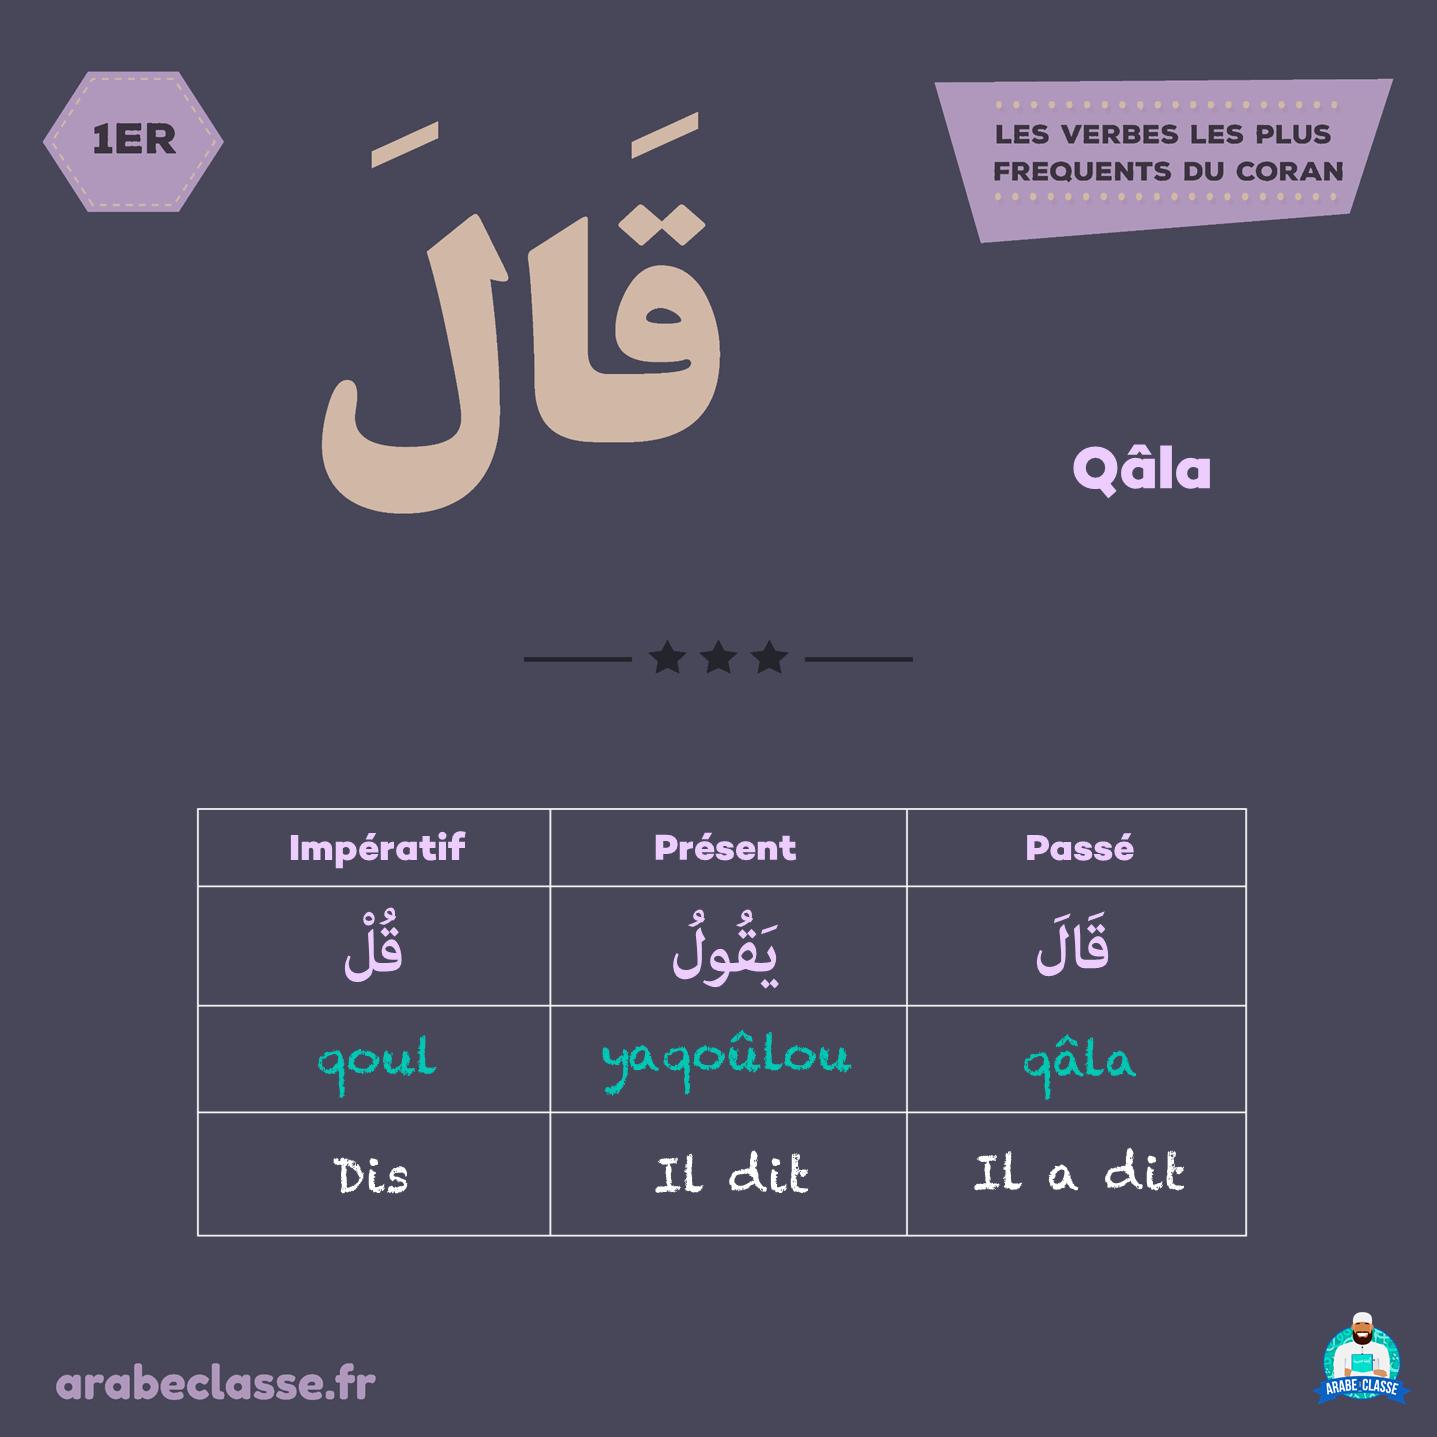 Conjugaison Des Verbes Arabes Parler Apprendre L Arabe Cours D Arabe Apprendre Le Francais Parler